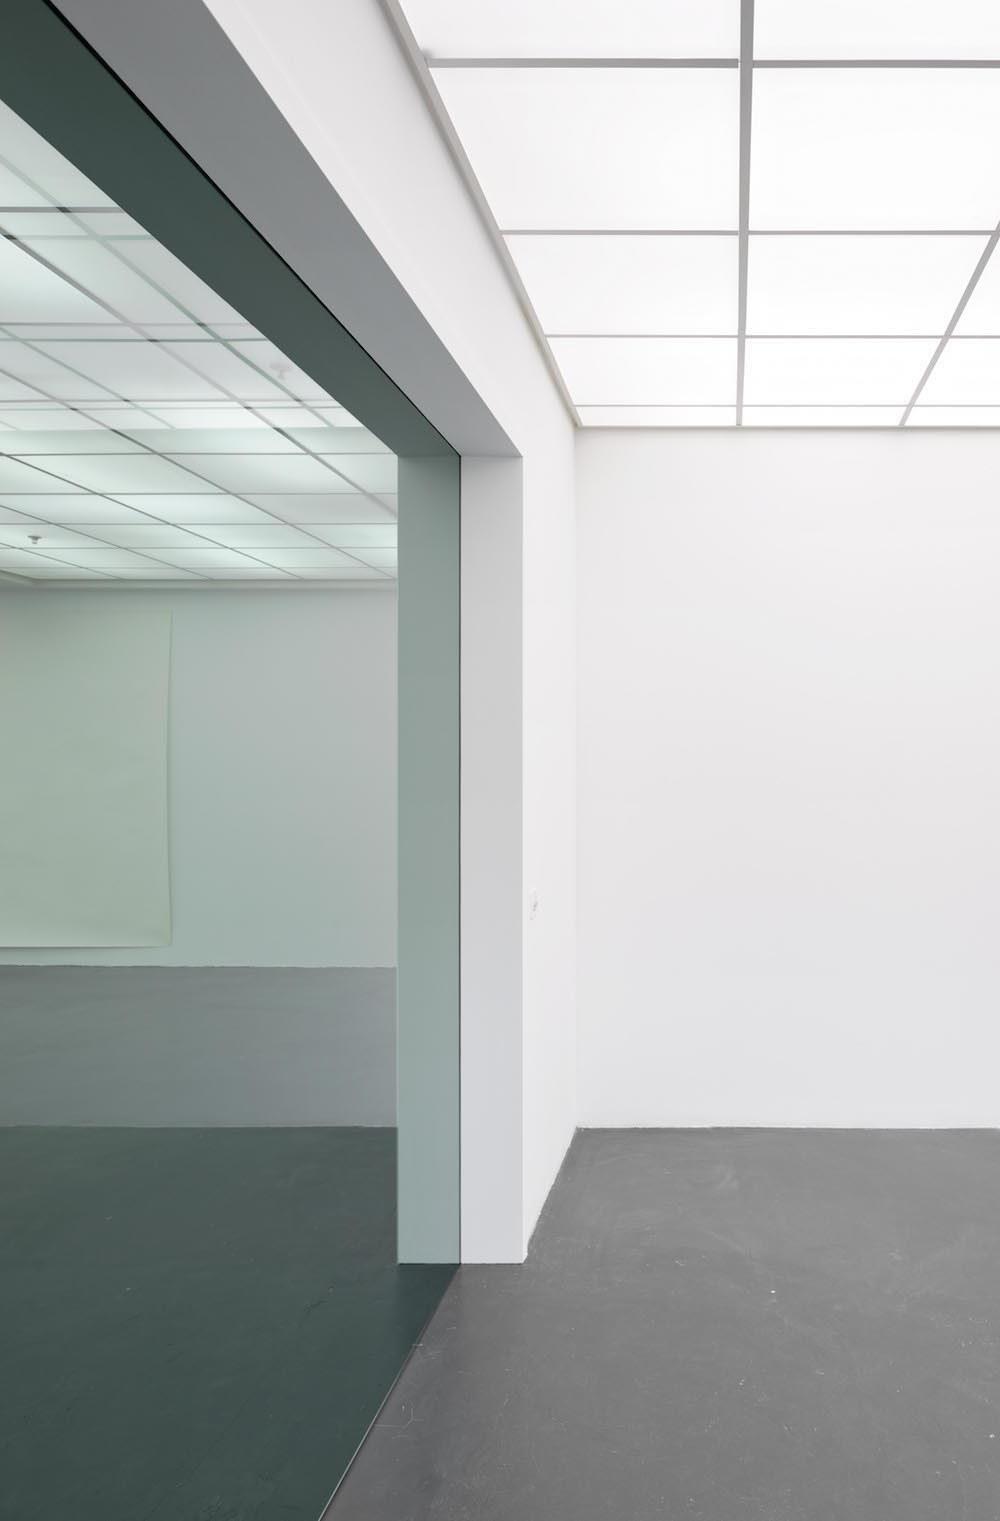 Thomas Hauri Ohne Titel 2016 Glas 2312 X 229 9 Cm Ausstellungsansicht Kunsthaus Baselland 2016 Foto Jeannette Mehr